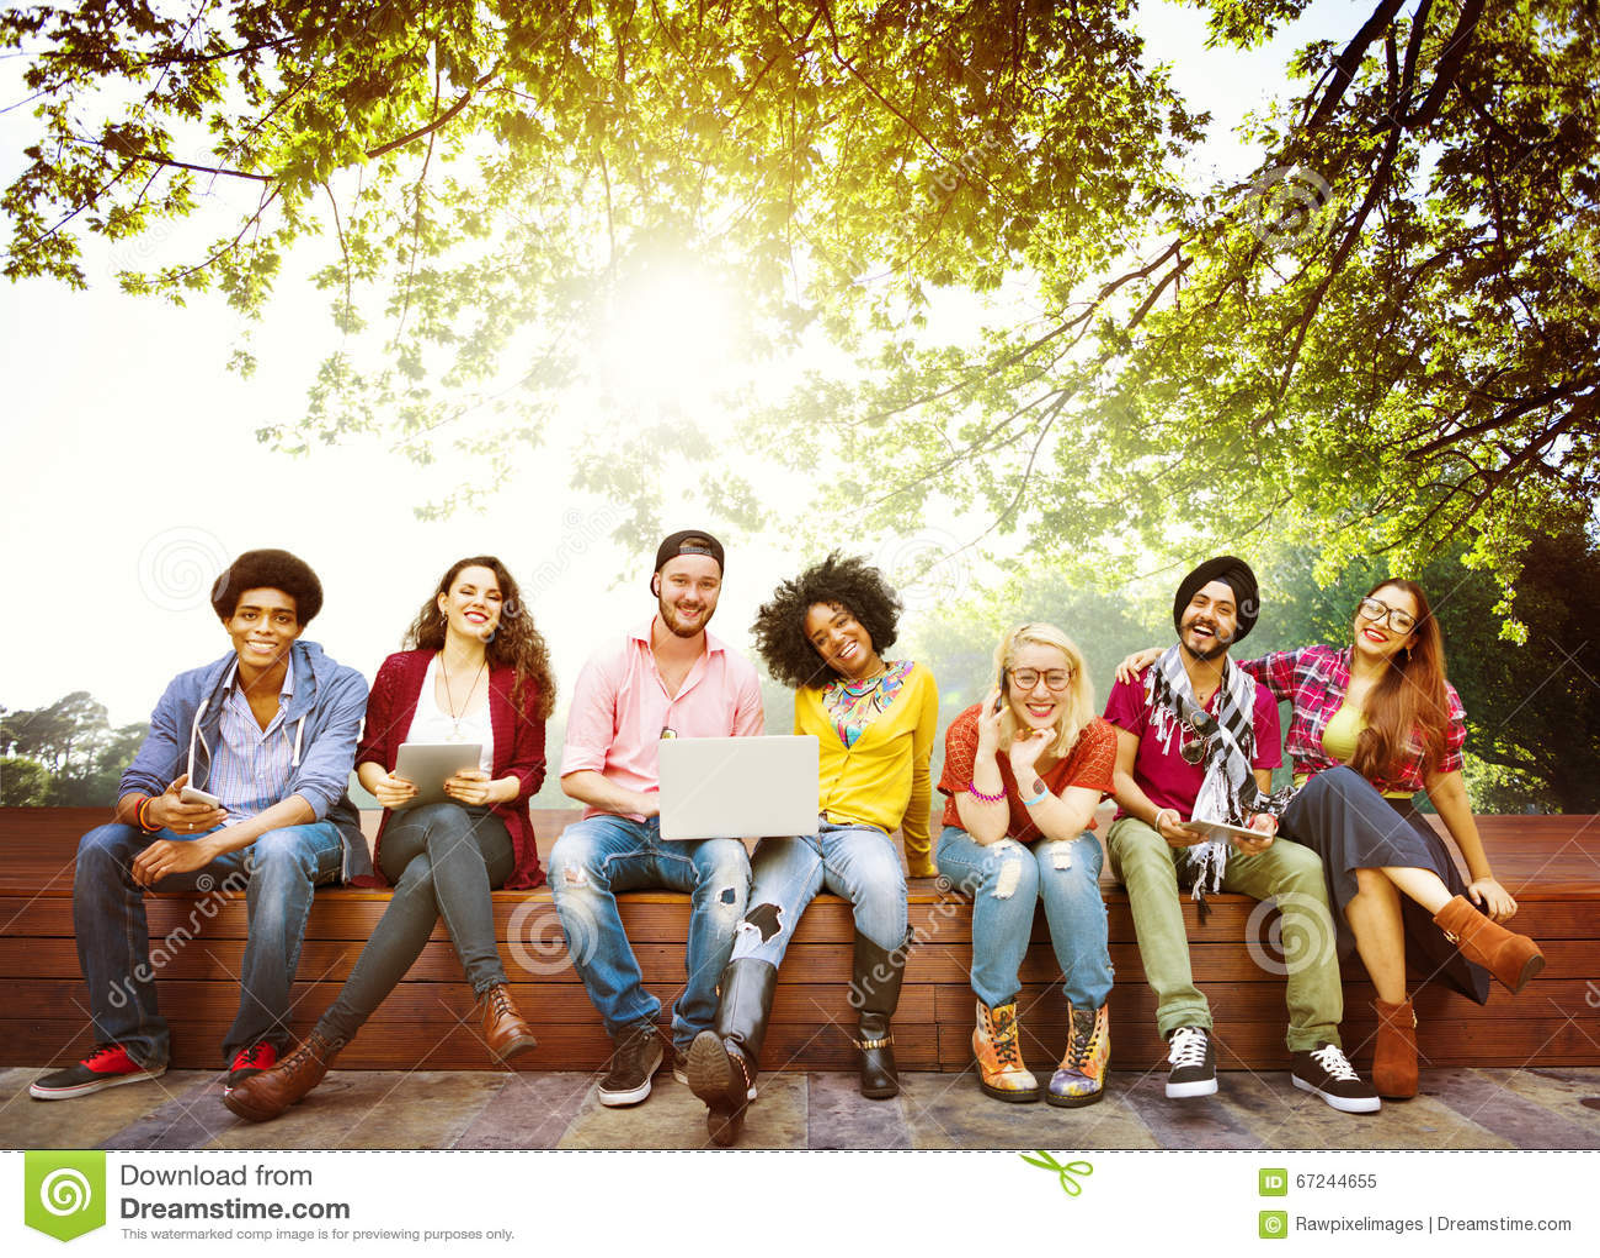 Концепция команды приятельства друзей подростков разнообразия